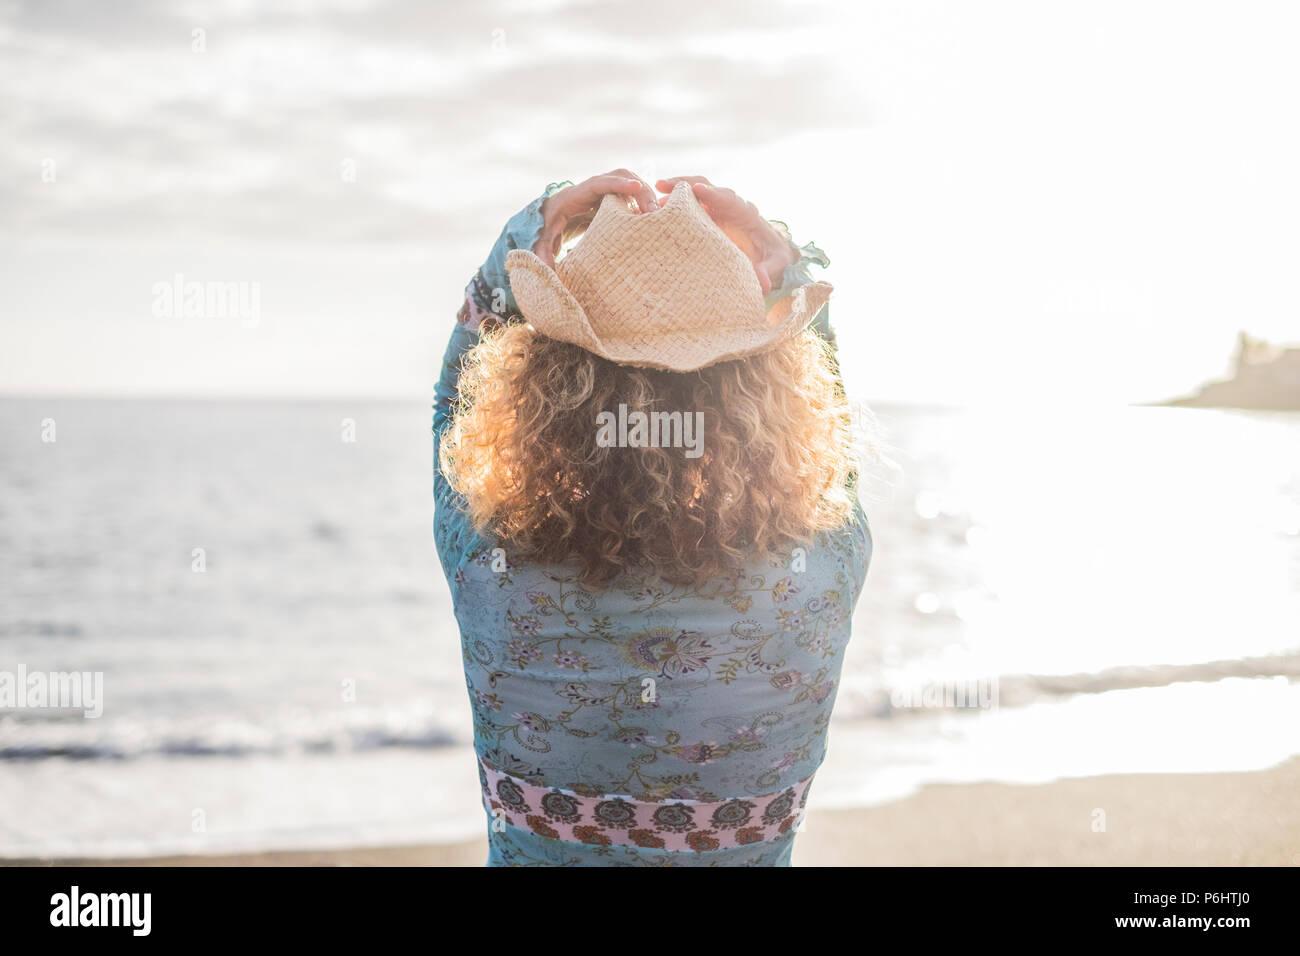 La liberté jeune femme avec chapeau cowboay en face de l'océan profiter de vacances et de vie en plein air. été soleil et vagues et esprit voyageur Photo Stock